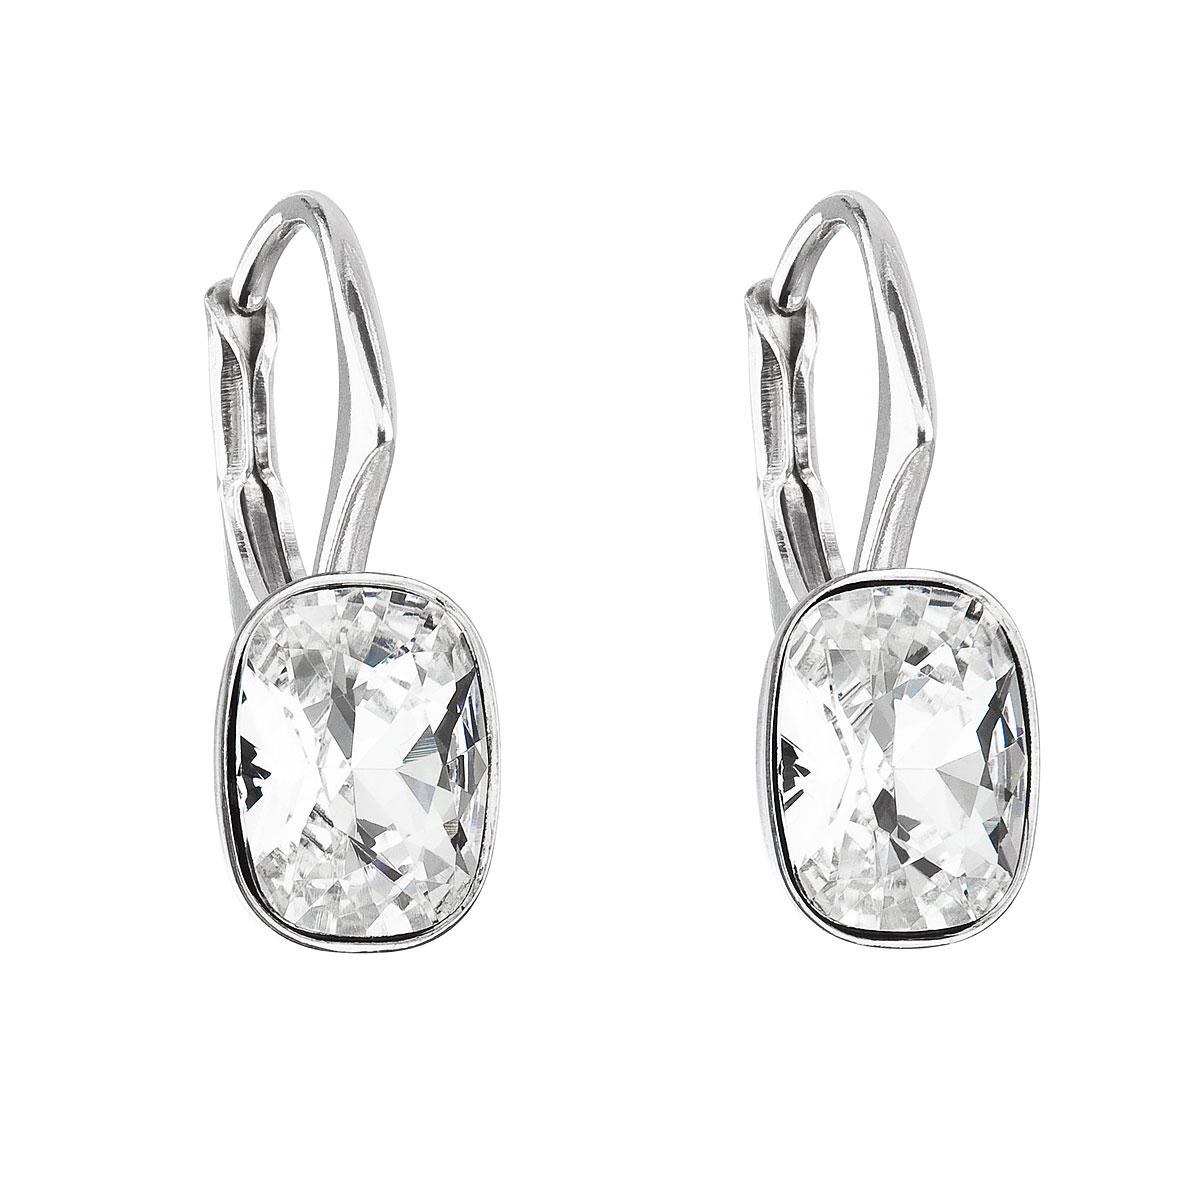 Stříbrné náušnice visací s krystaly Swarovski bílý obdélník 31278.1